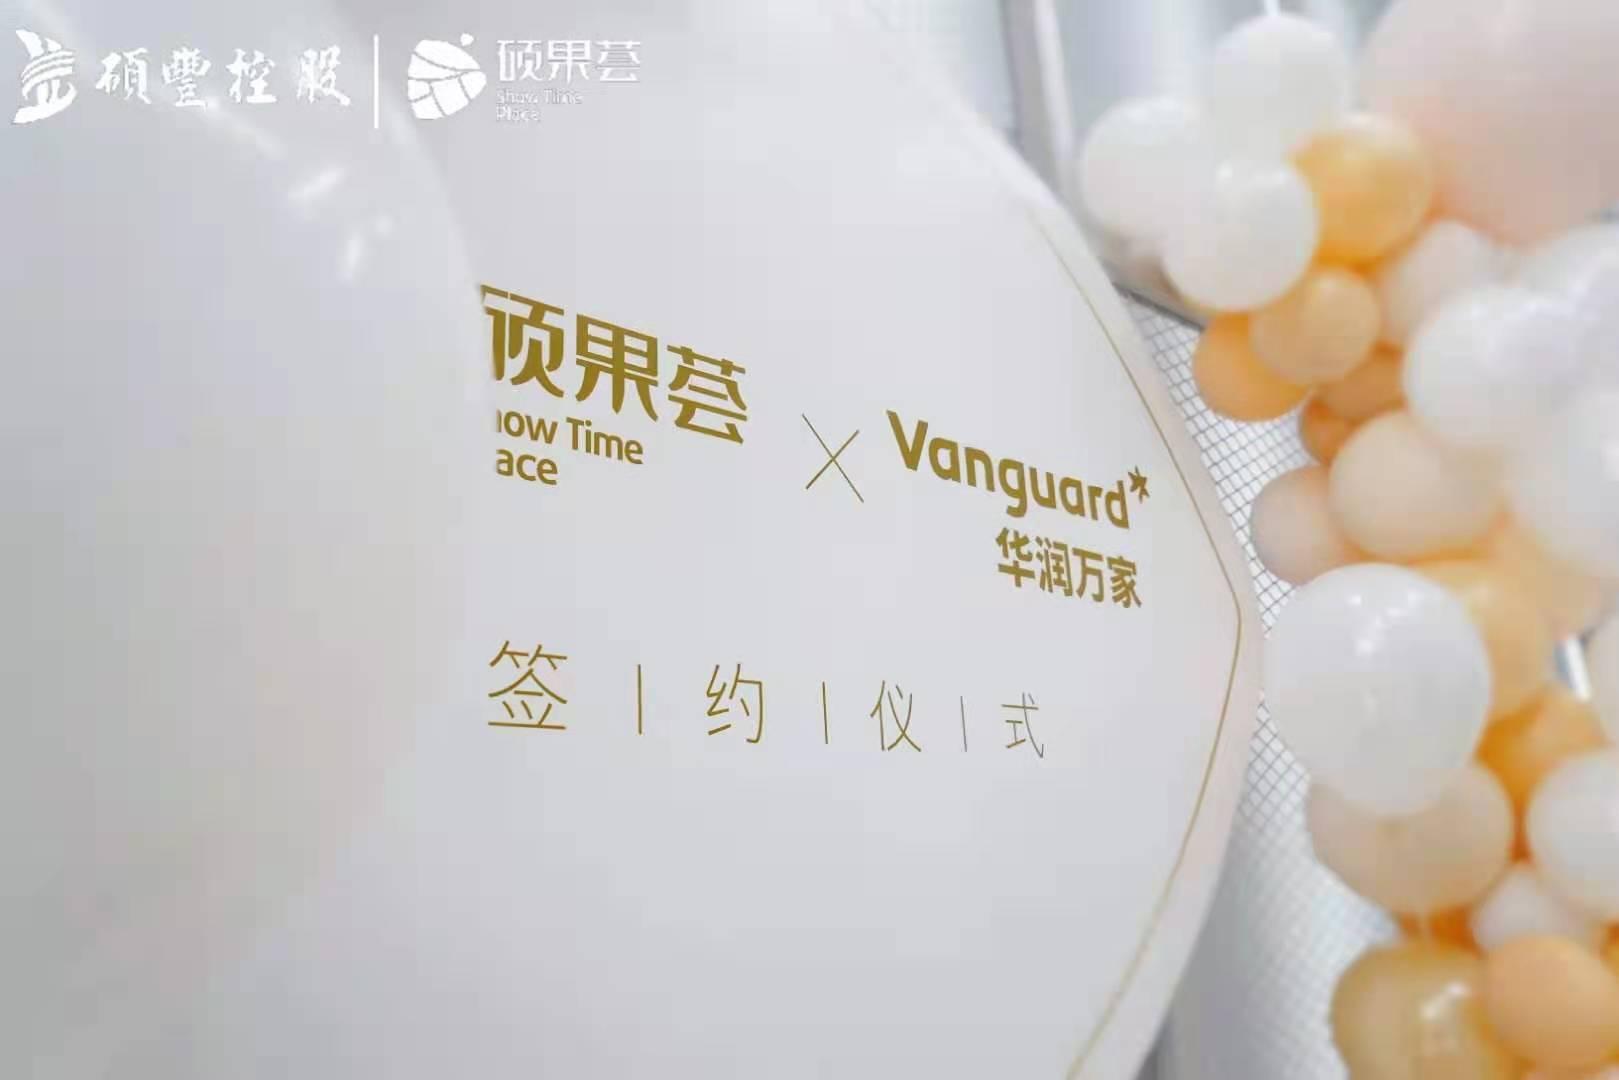 喜讯!华润万家正式签约瑞金•硕果荟购物中心